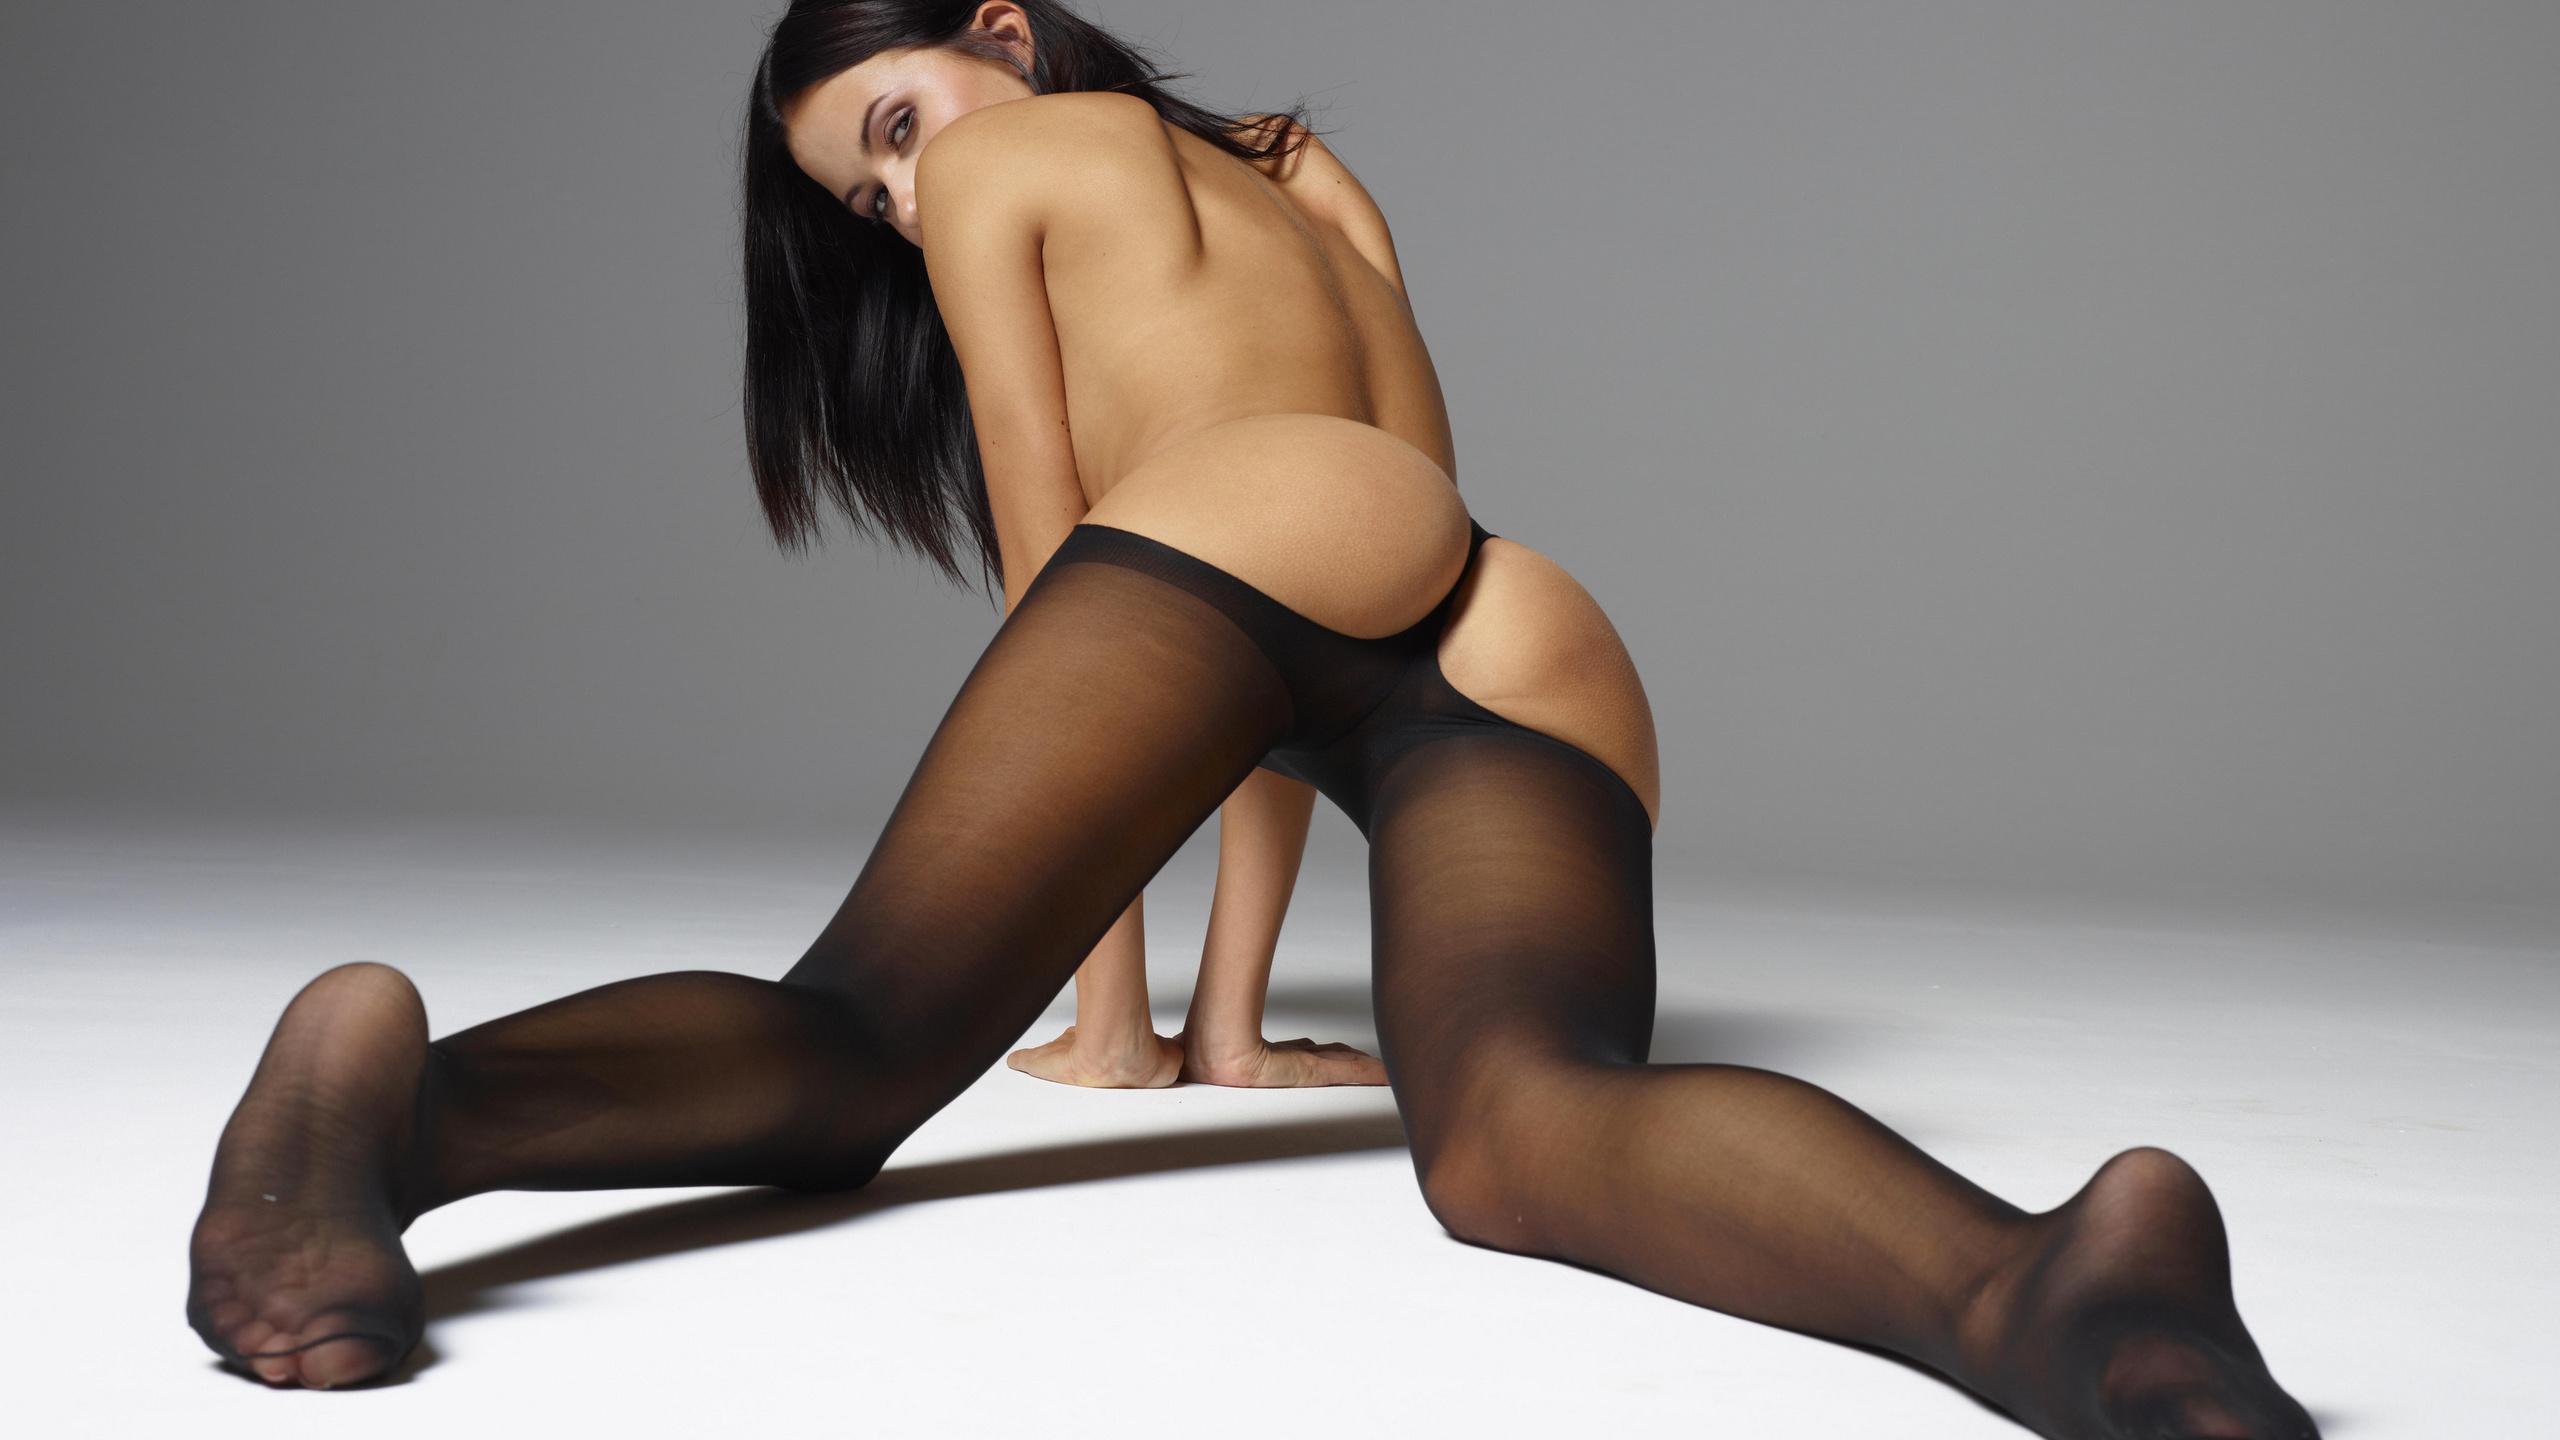 Сексуальной колготки фото 25 фотография